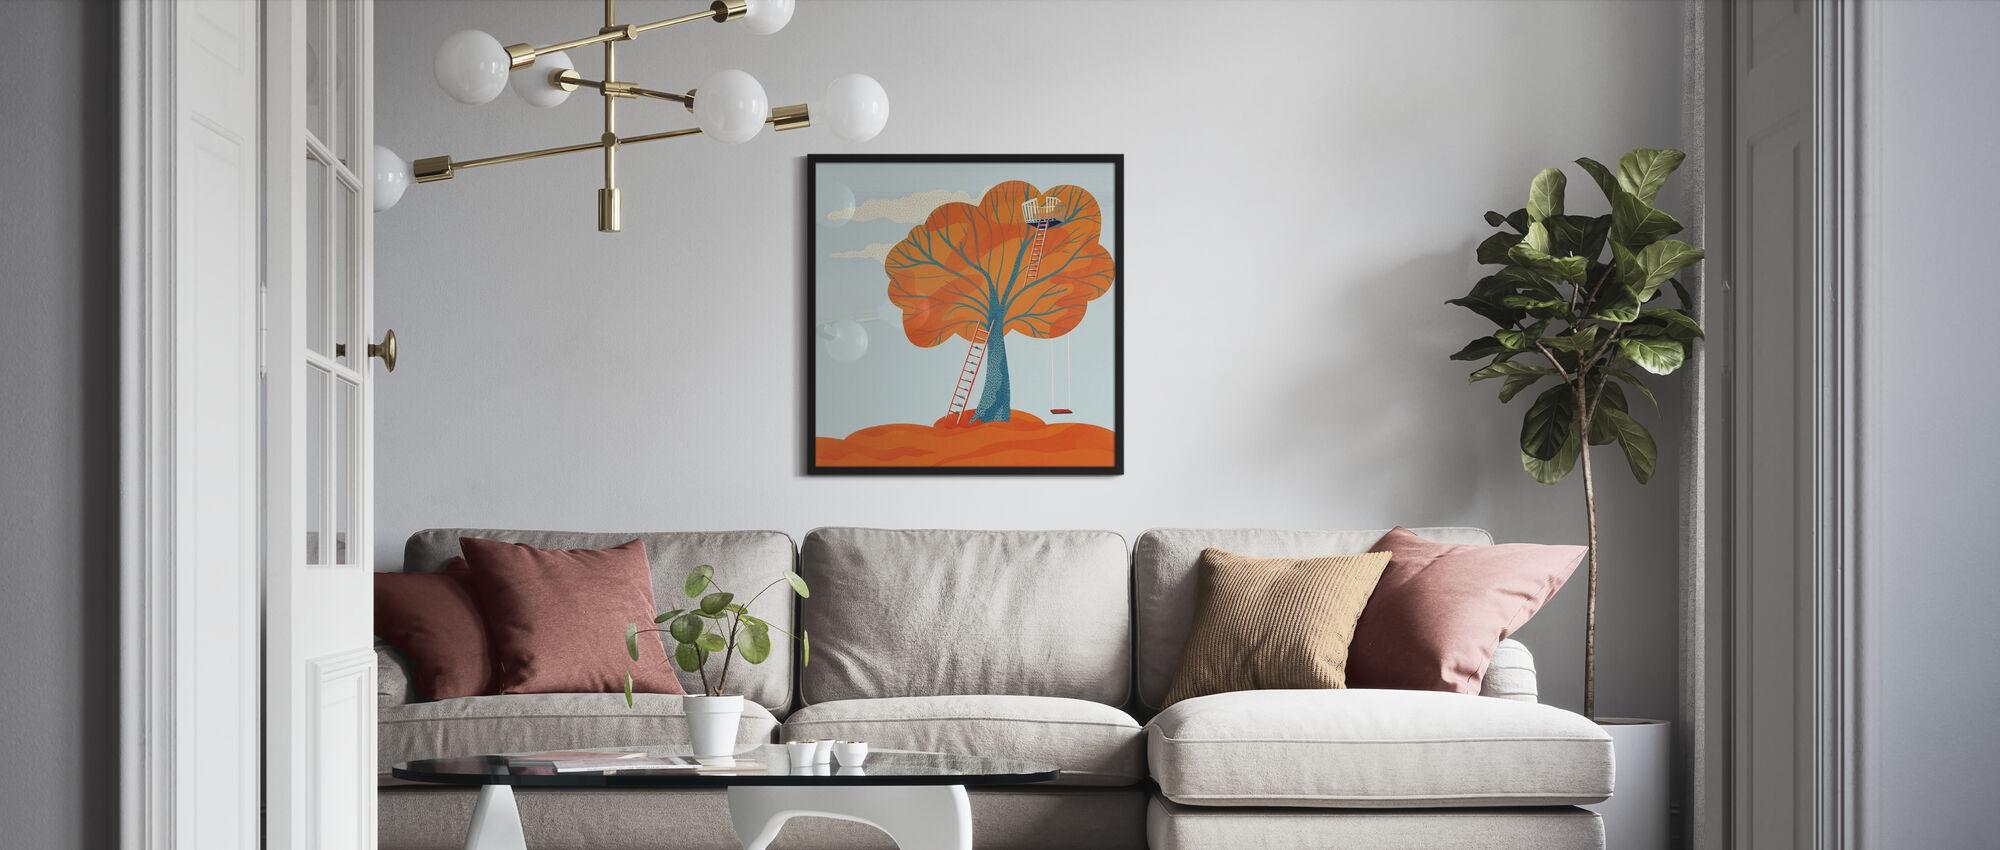 Herbstbaumhaus - Poster - Wohnzimmer